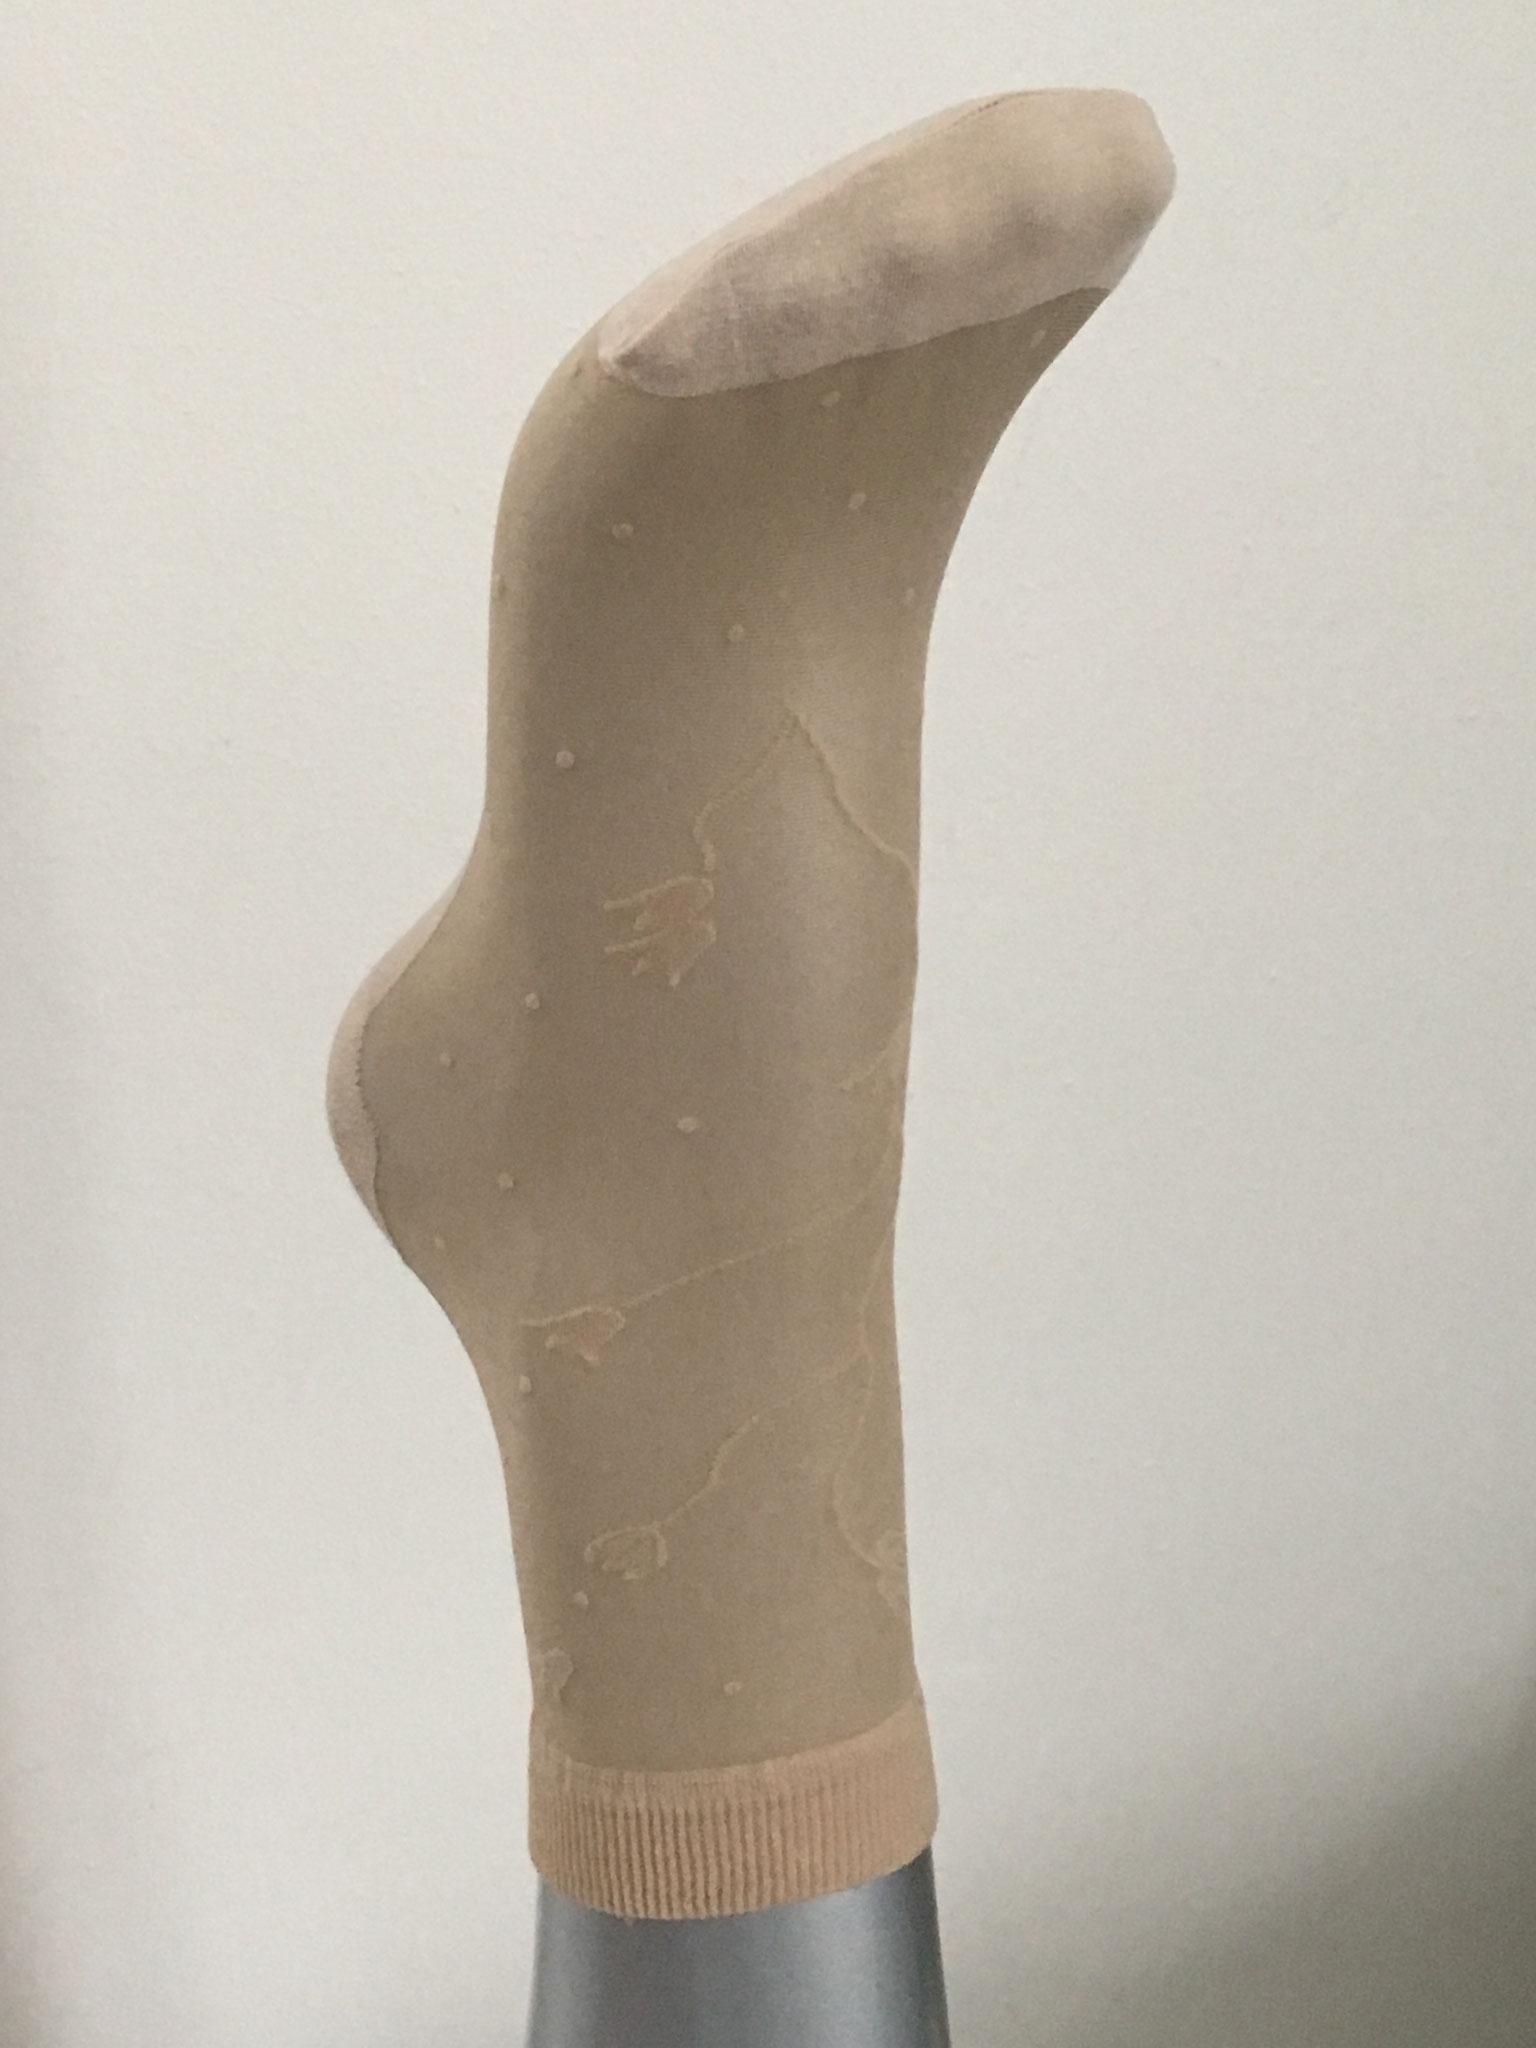 Strumpfsöckli transparent mit Blumenmuster und verstärkter Baumwollsohle (CHF 22.-)